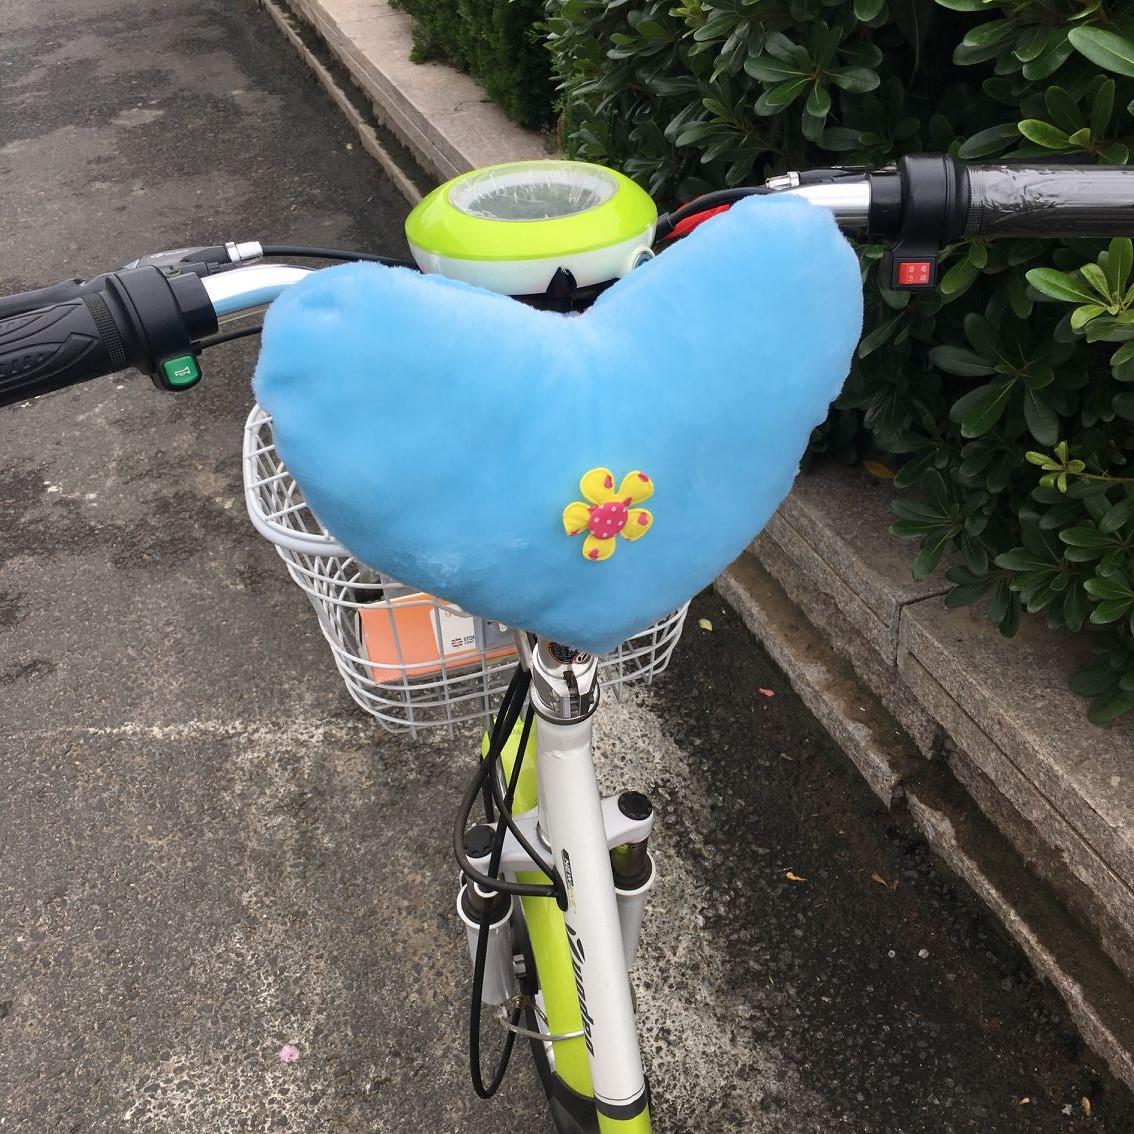 Электрический мотоцикл авария шевелюра бархат игрушка ребенок электричество автомобиль положить сиденье авария площадка большой безопасность ткань кукла